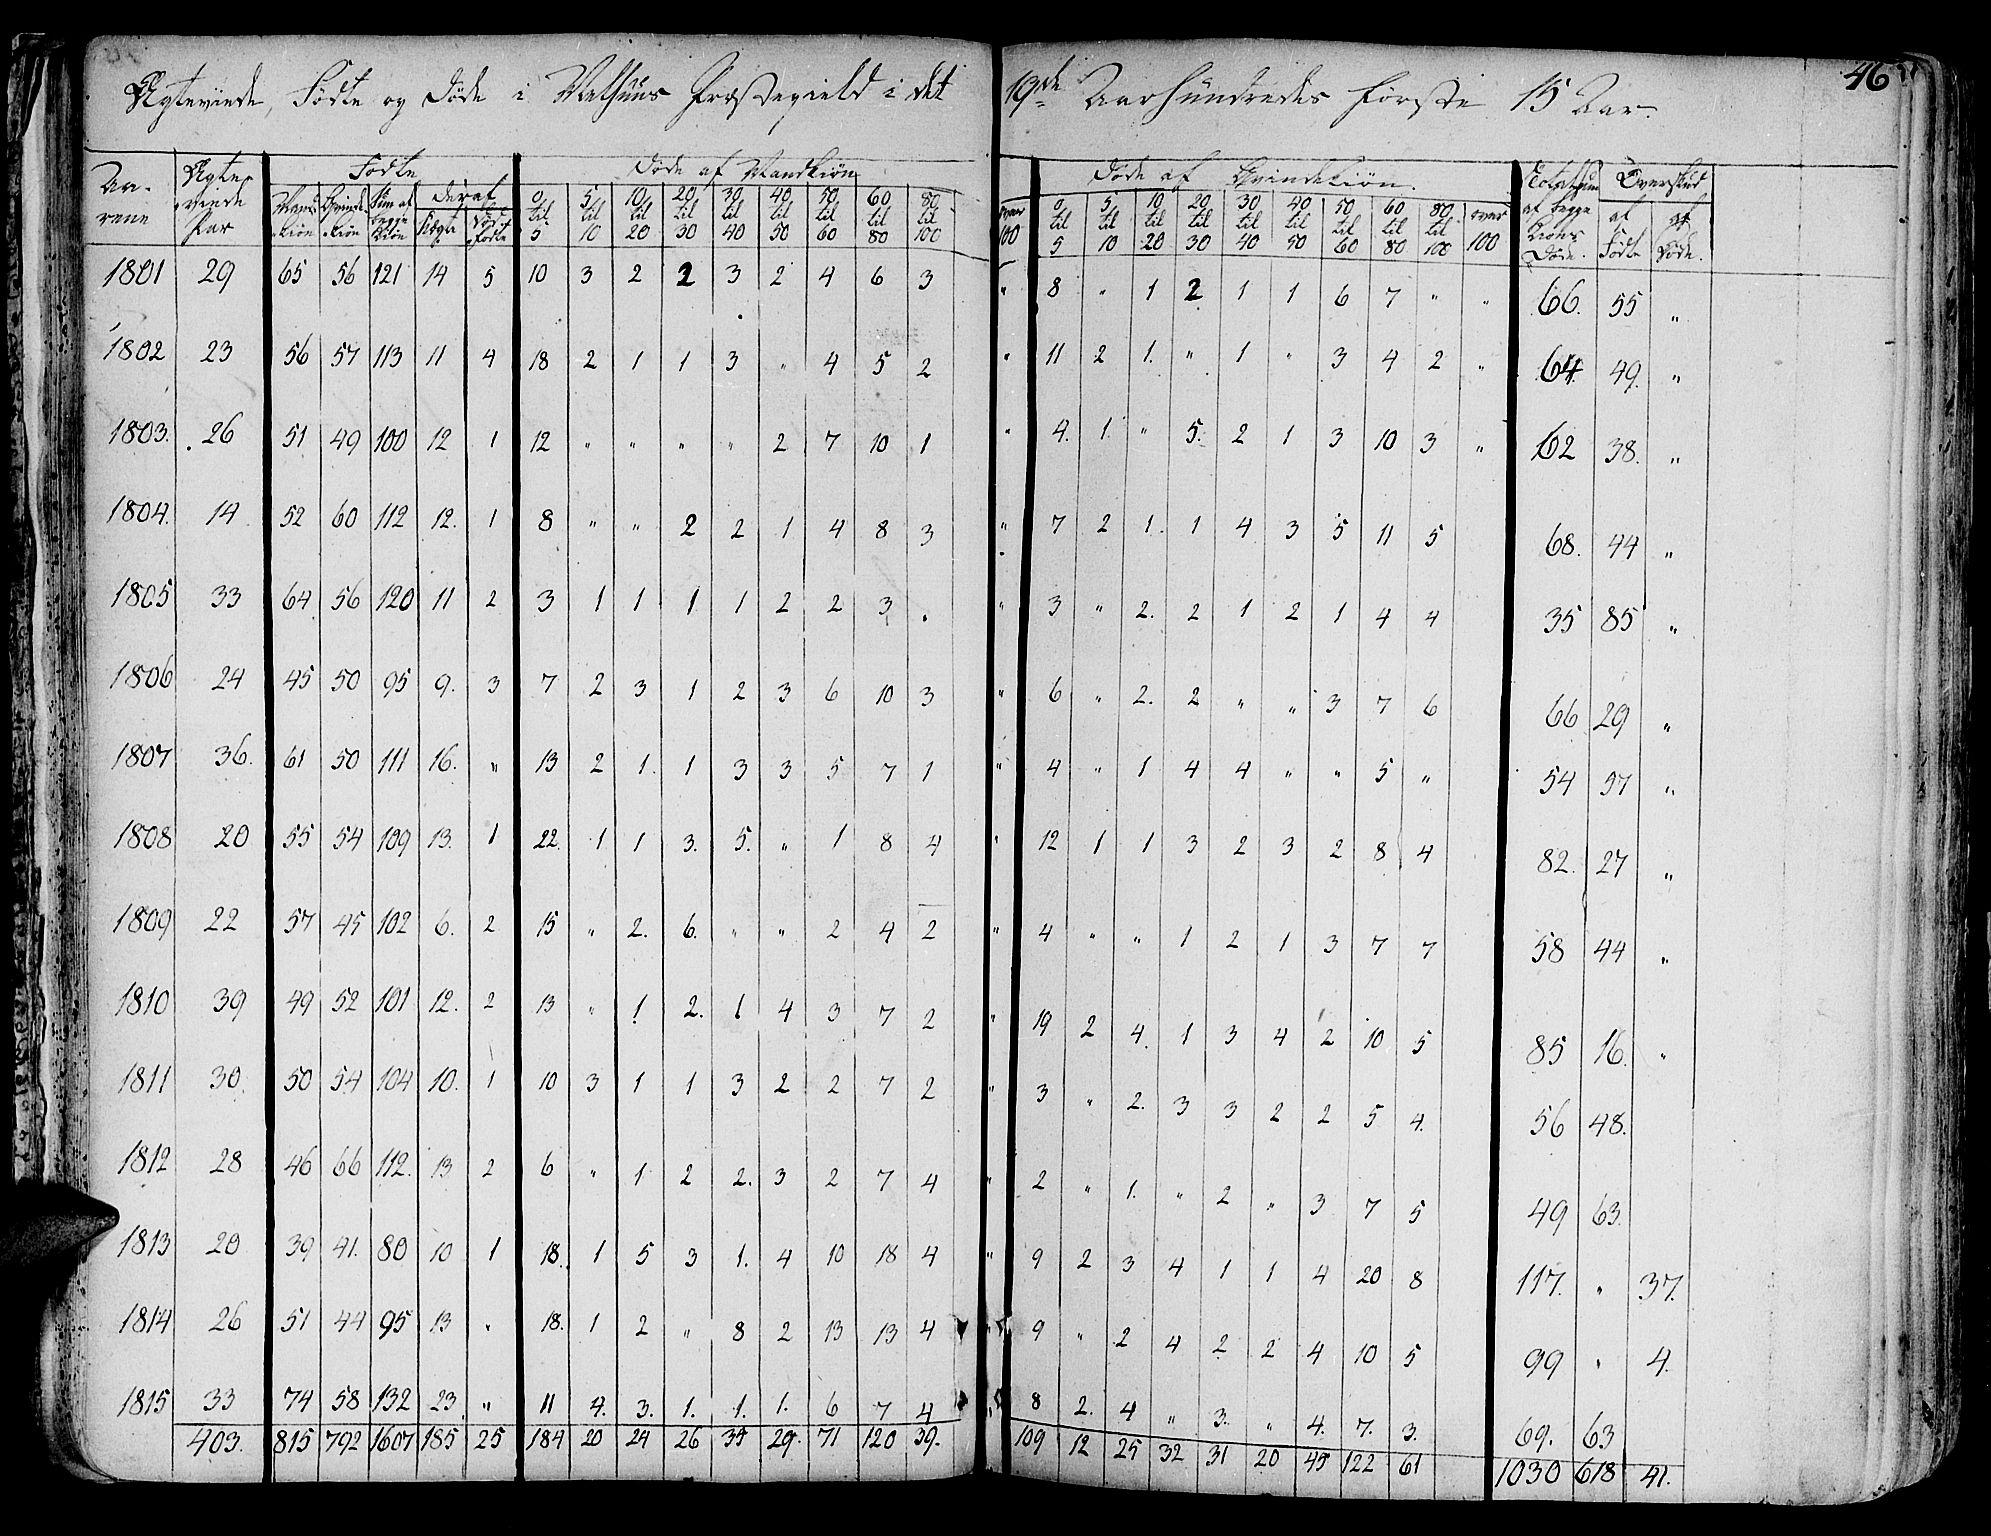 SAT, Ministerialprotokoller, klokkerbøker og fødselsregistre - Sør-Trøndelag, 691/L1061: Ministerialbok nr. 691A02 /1, 1768-1815, s. 46